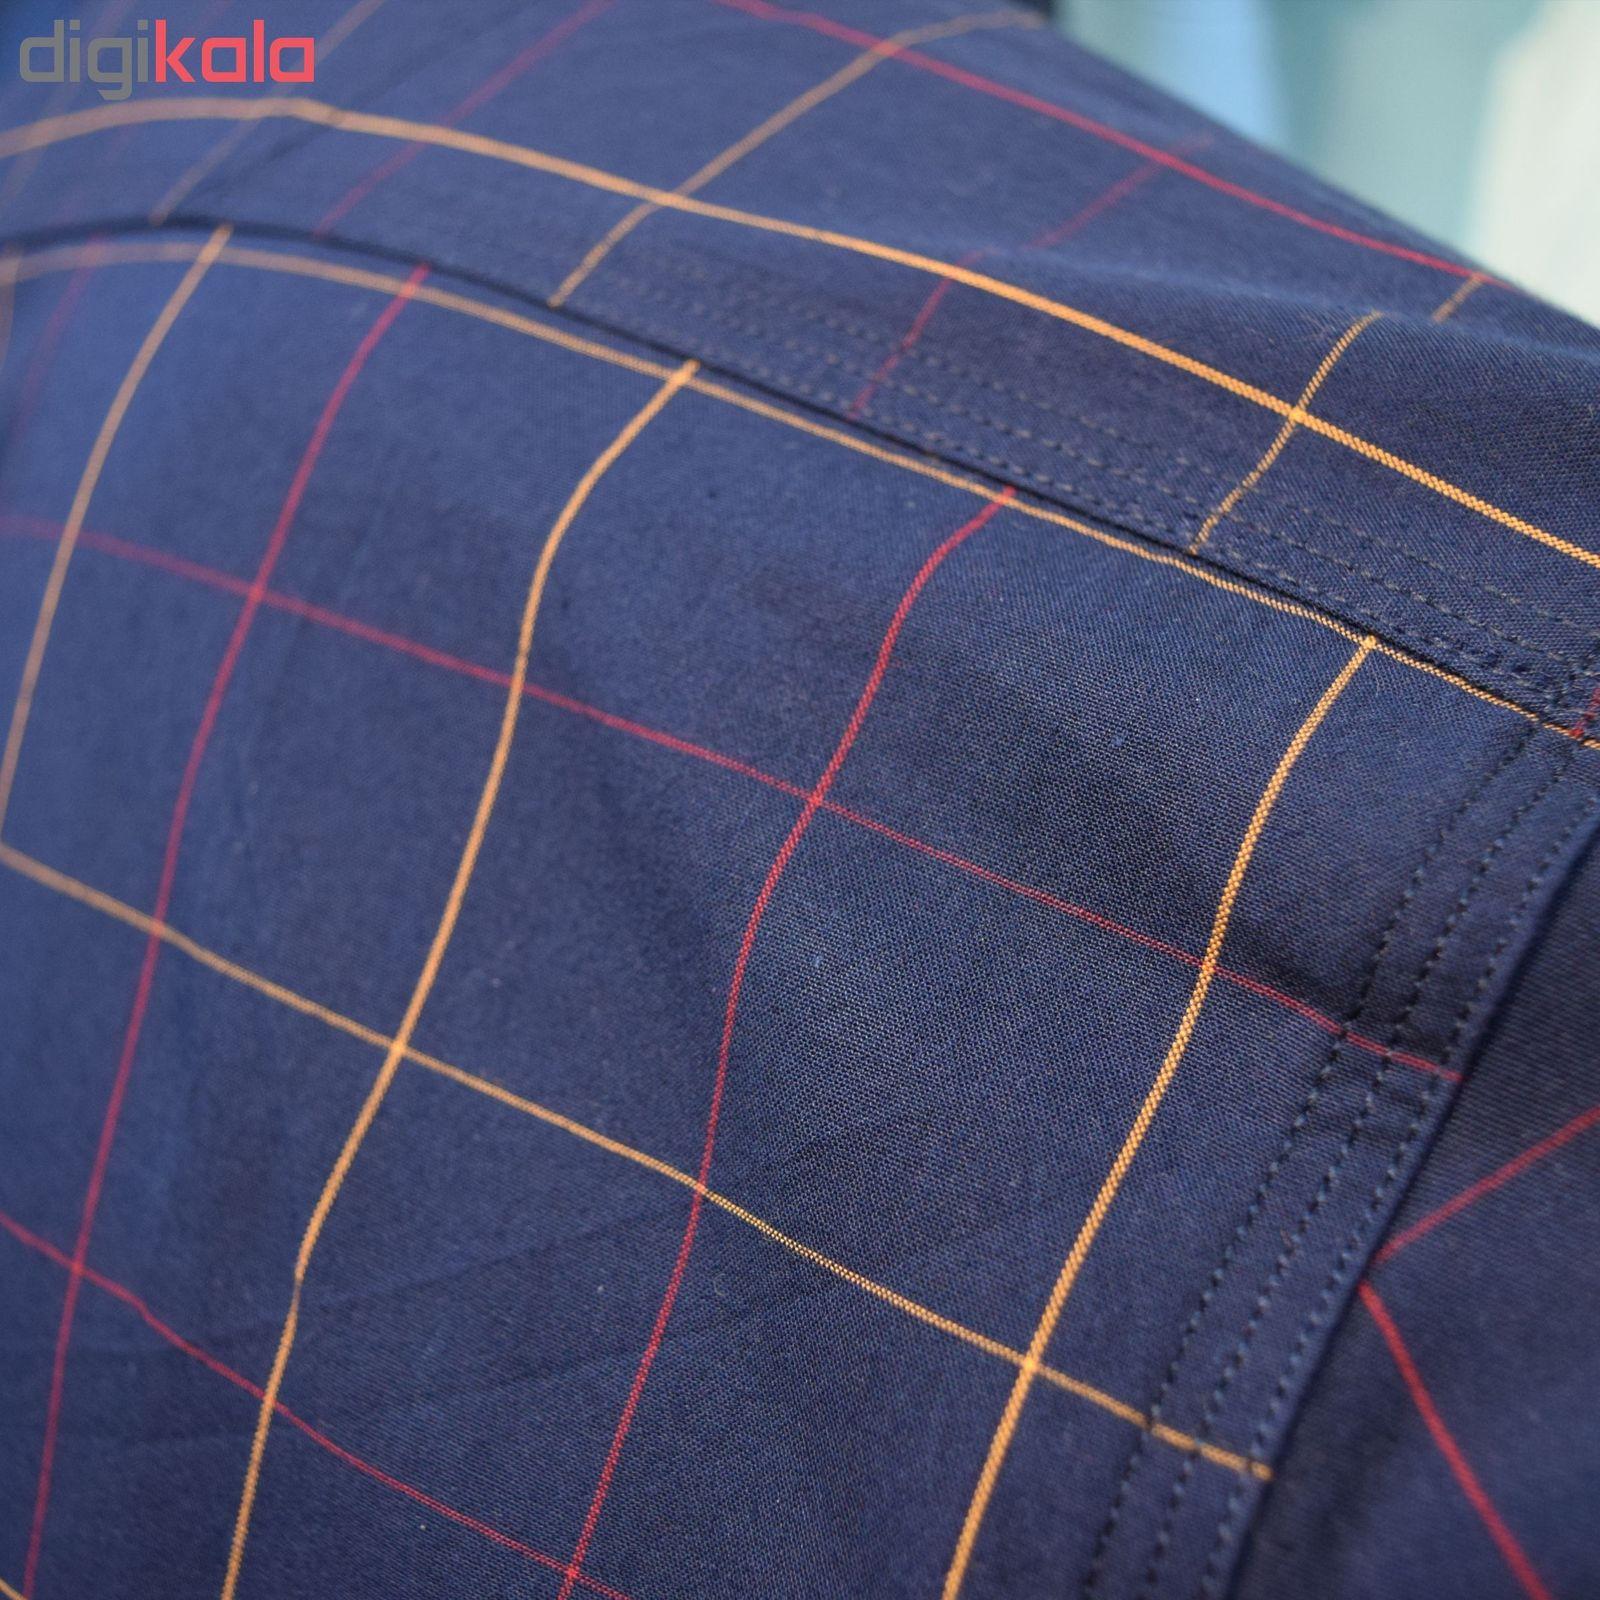 پیراهن مردانه پایتی جامه کد 1870977 main 1 3